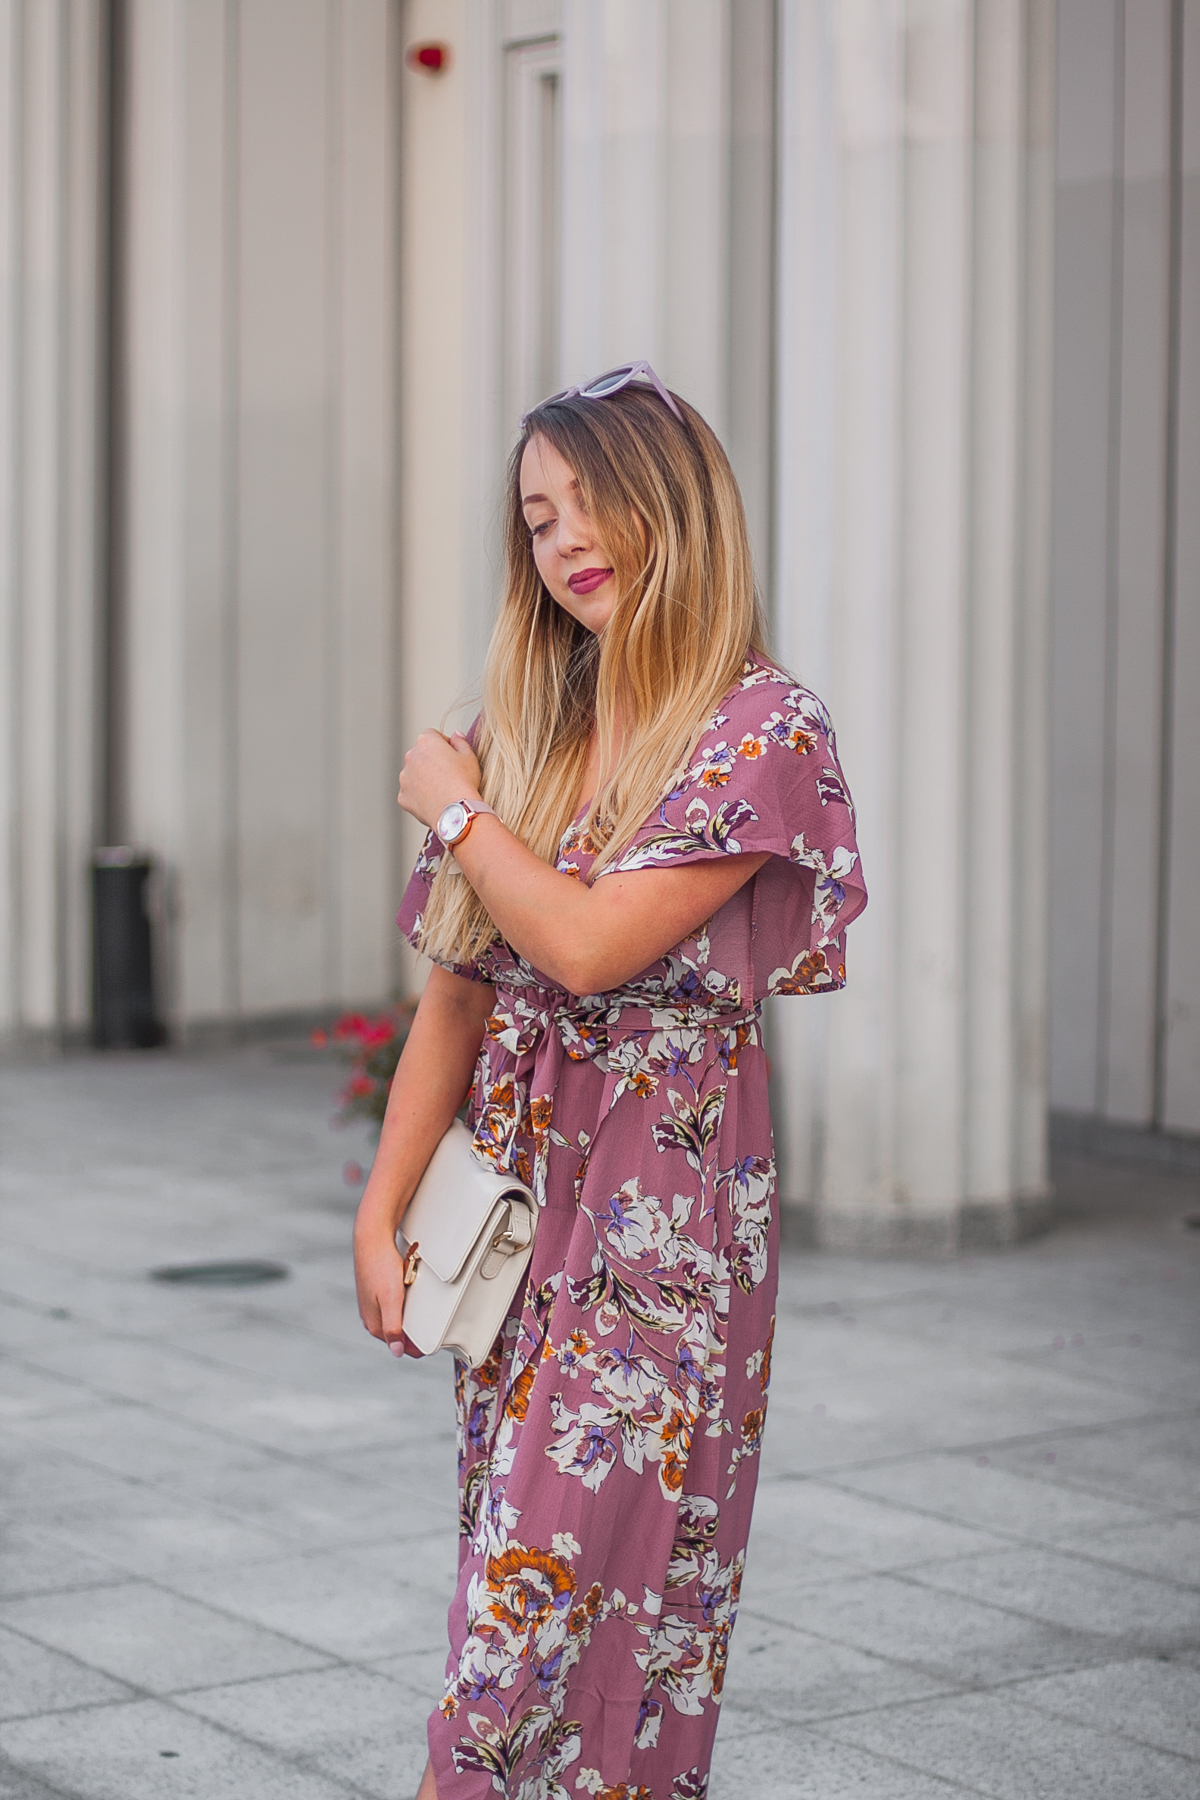 jak się ubrać na poprawiny? maxi sukienka w kwiaty